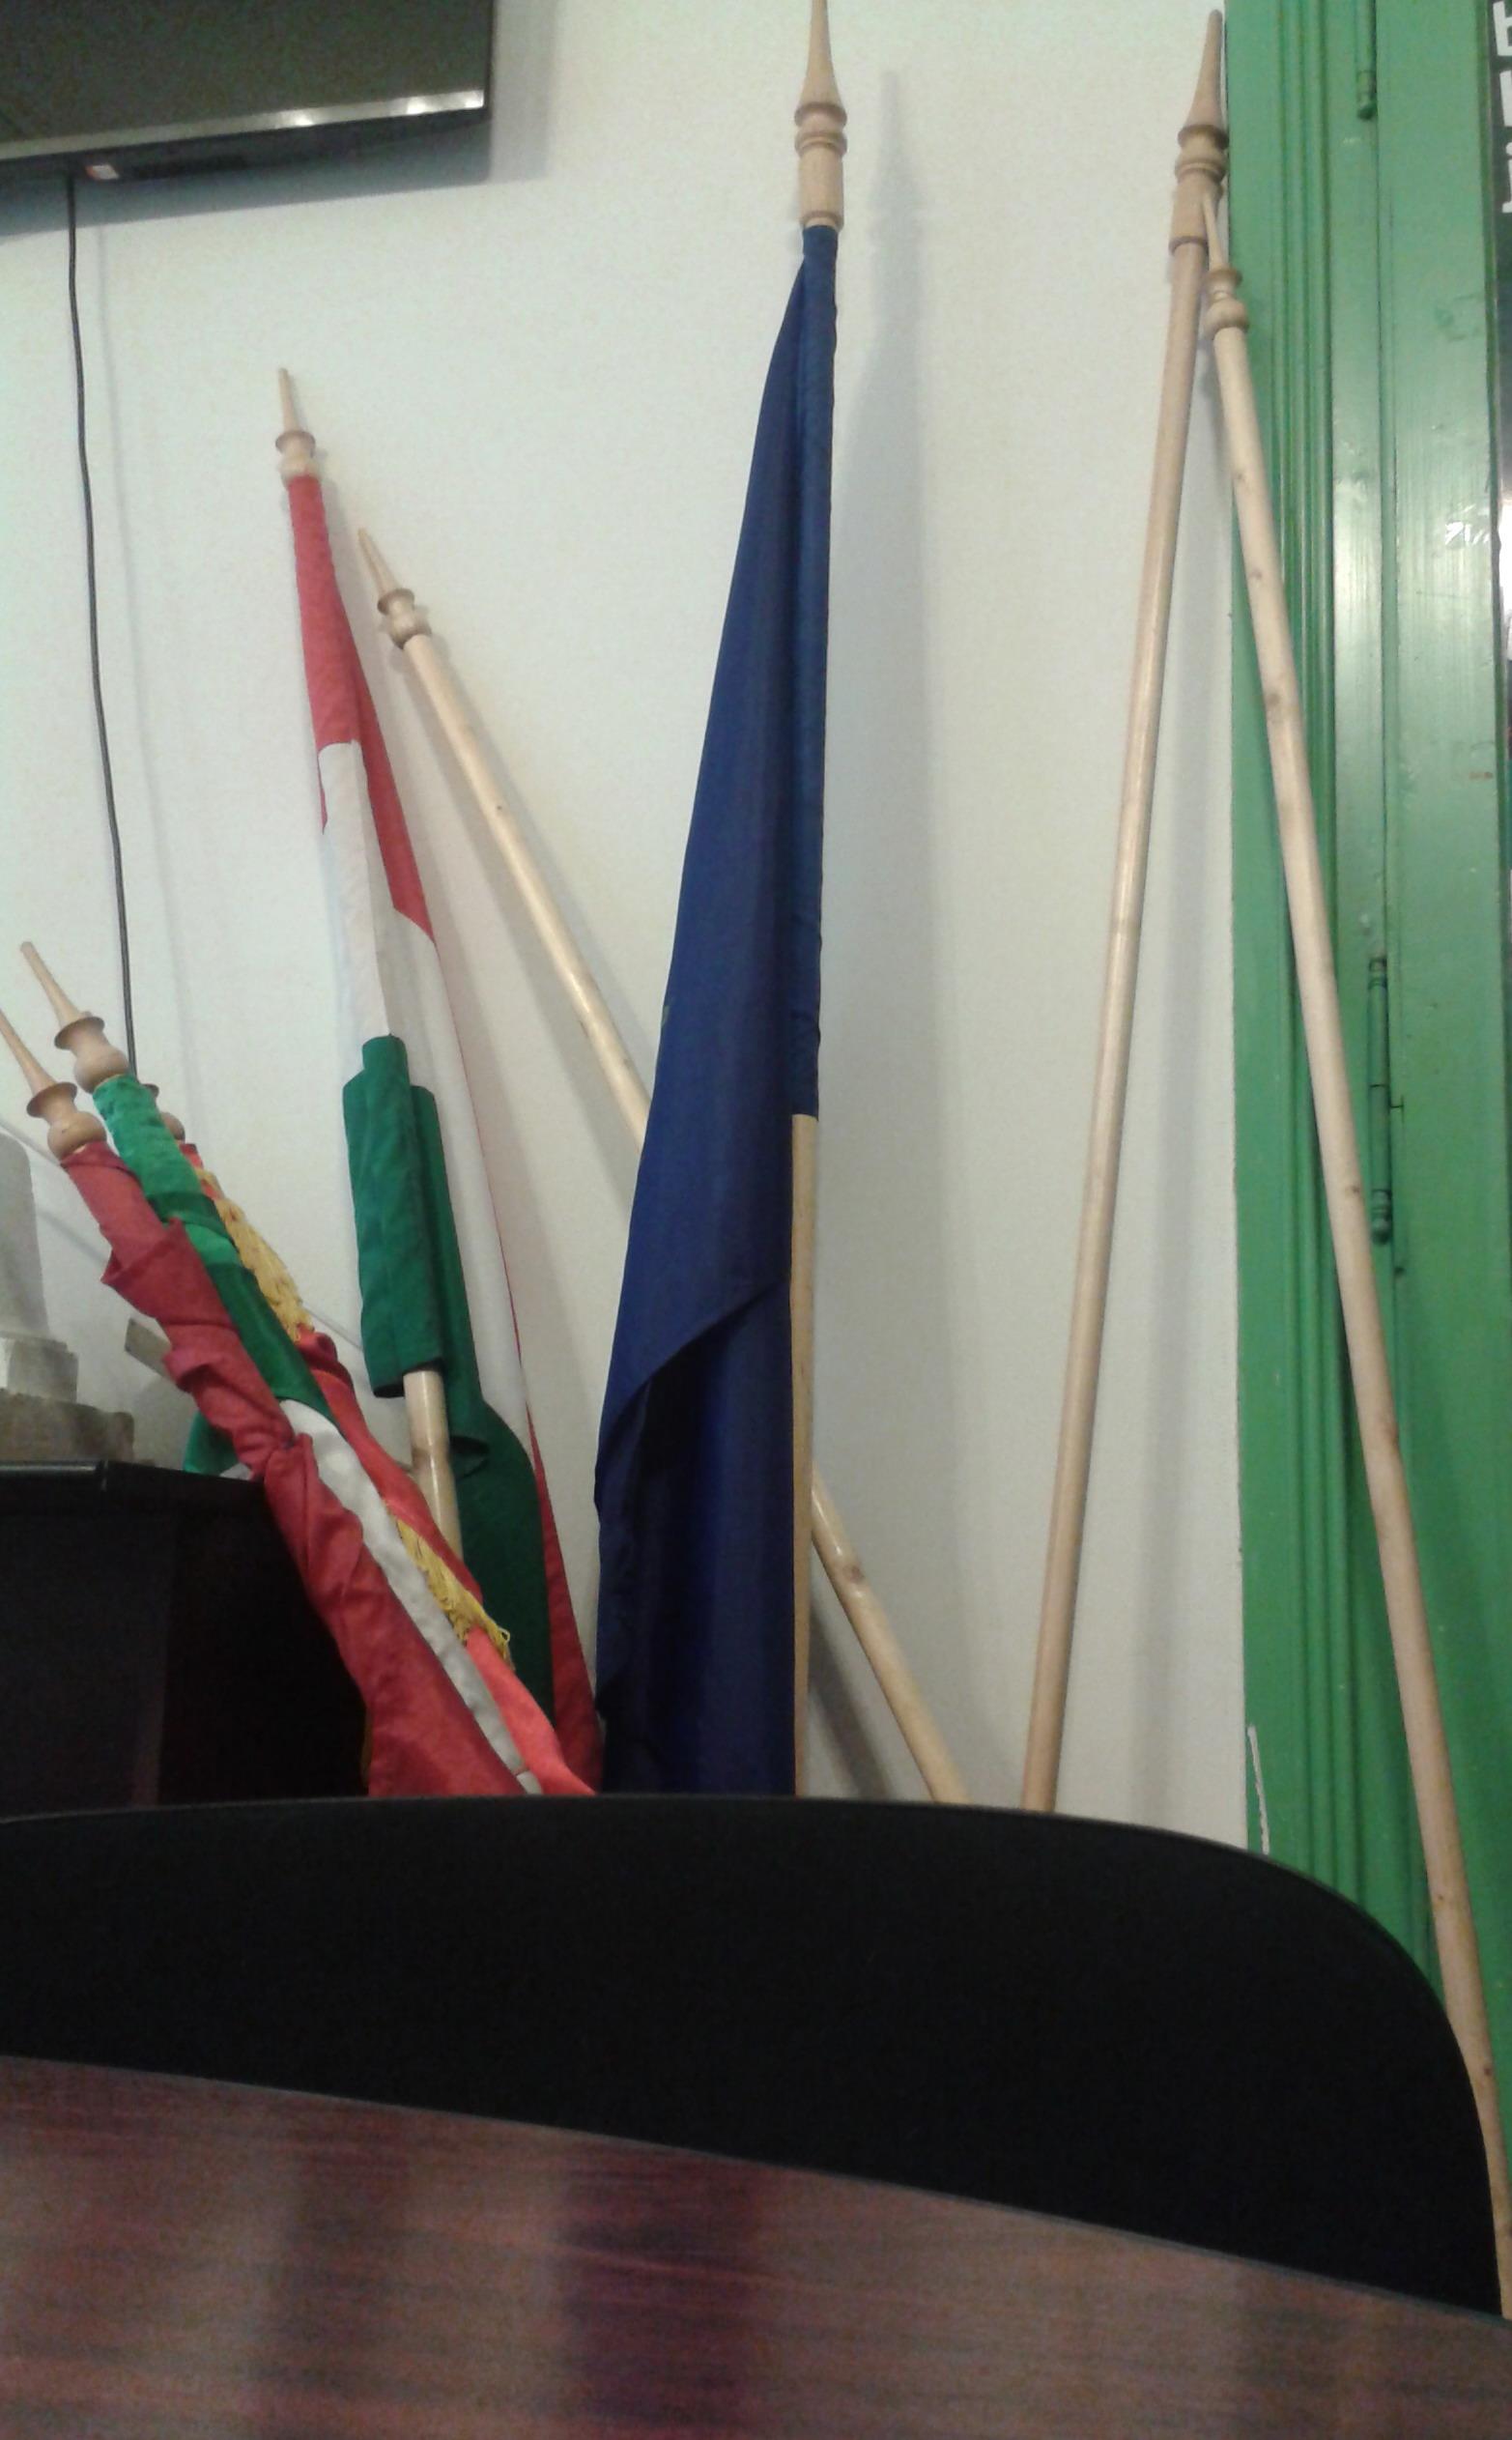 És végül: bevetésre váró kampányeszközök, az RMDSZ váradi székházában. A megfelelő szerintem a jobb szélen lévő néhány. Azokat kellene mindenféle méltatlan célokra felhasználni.